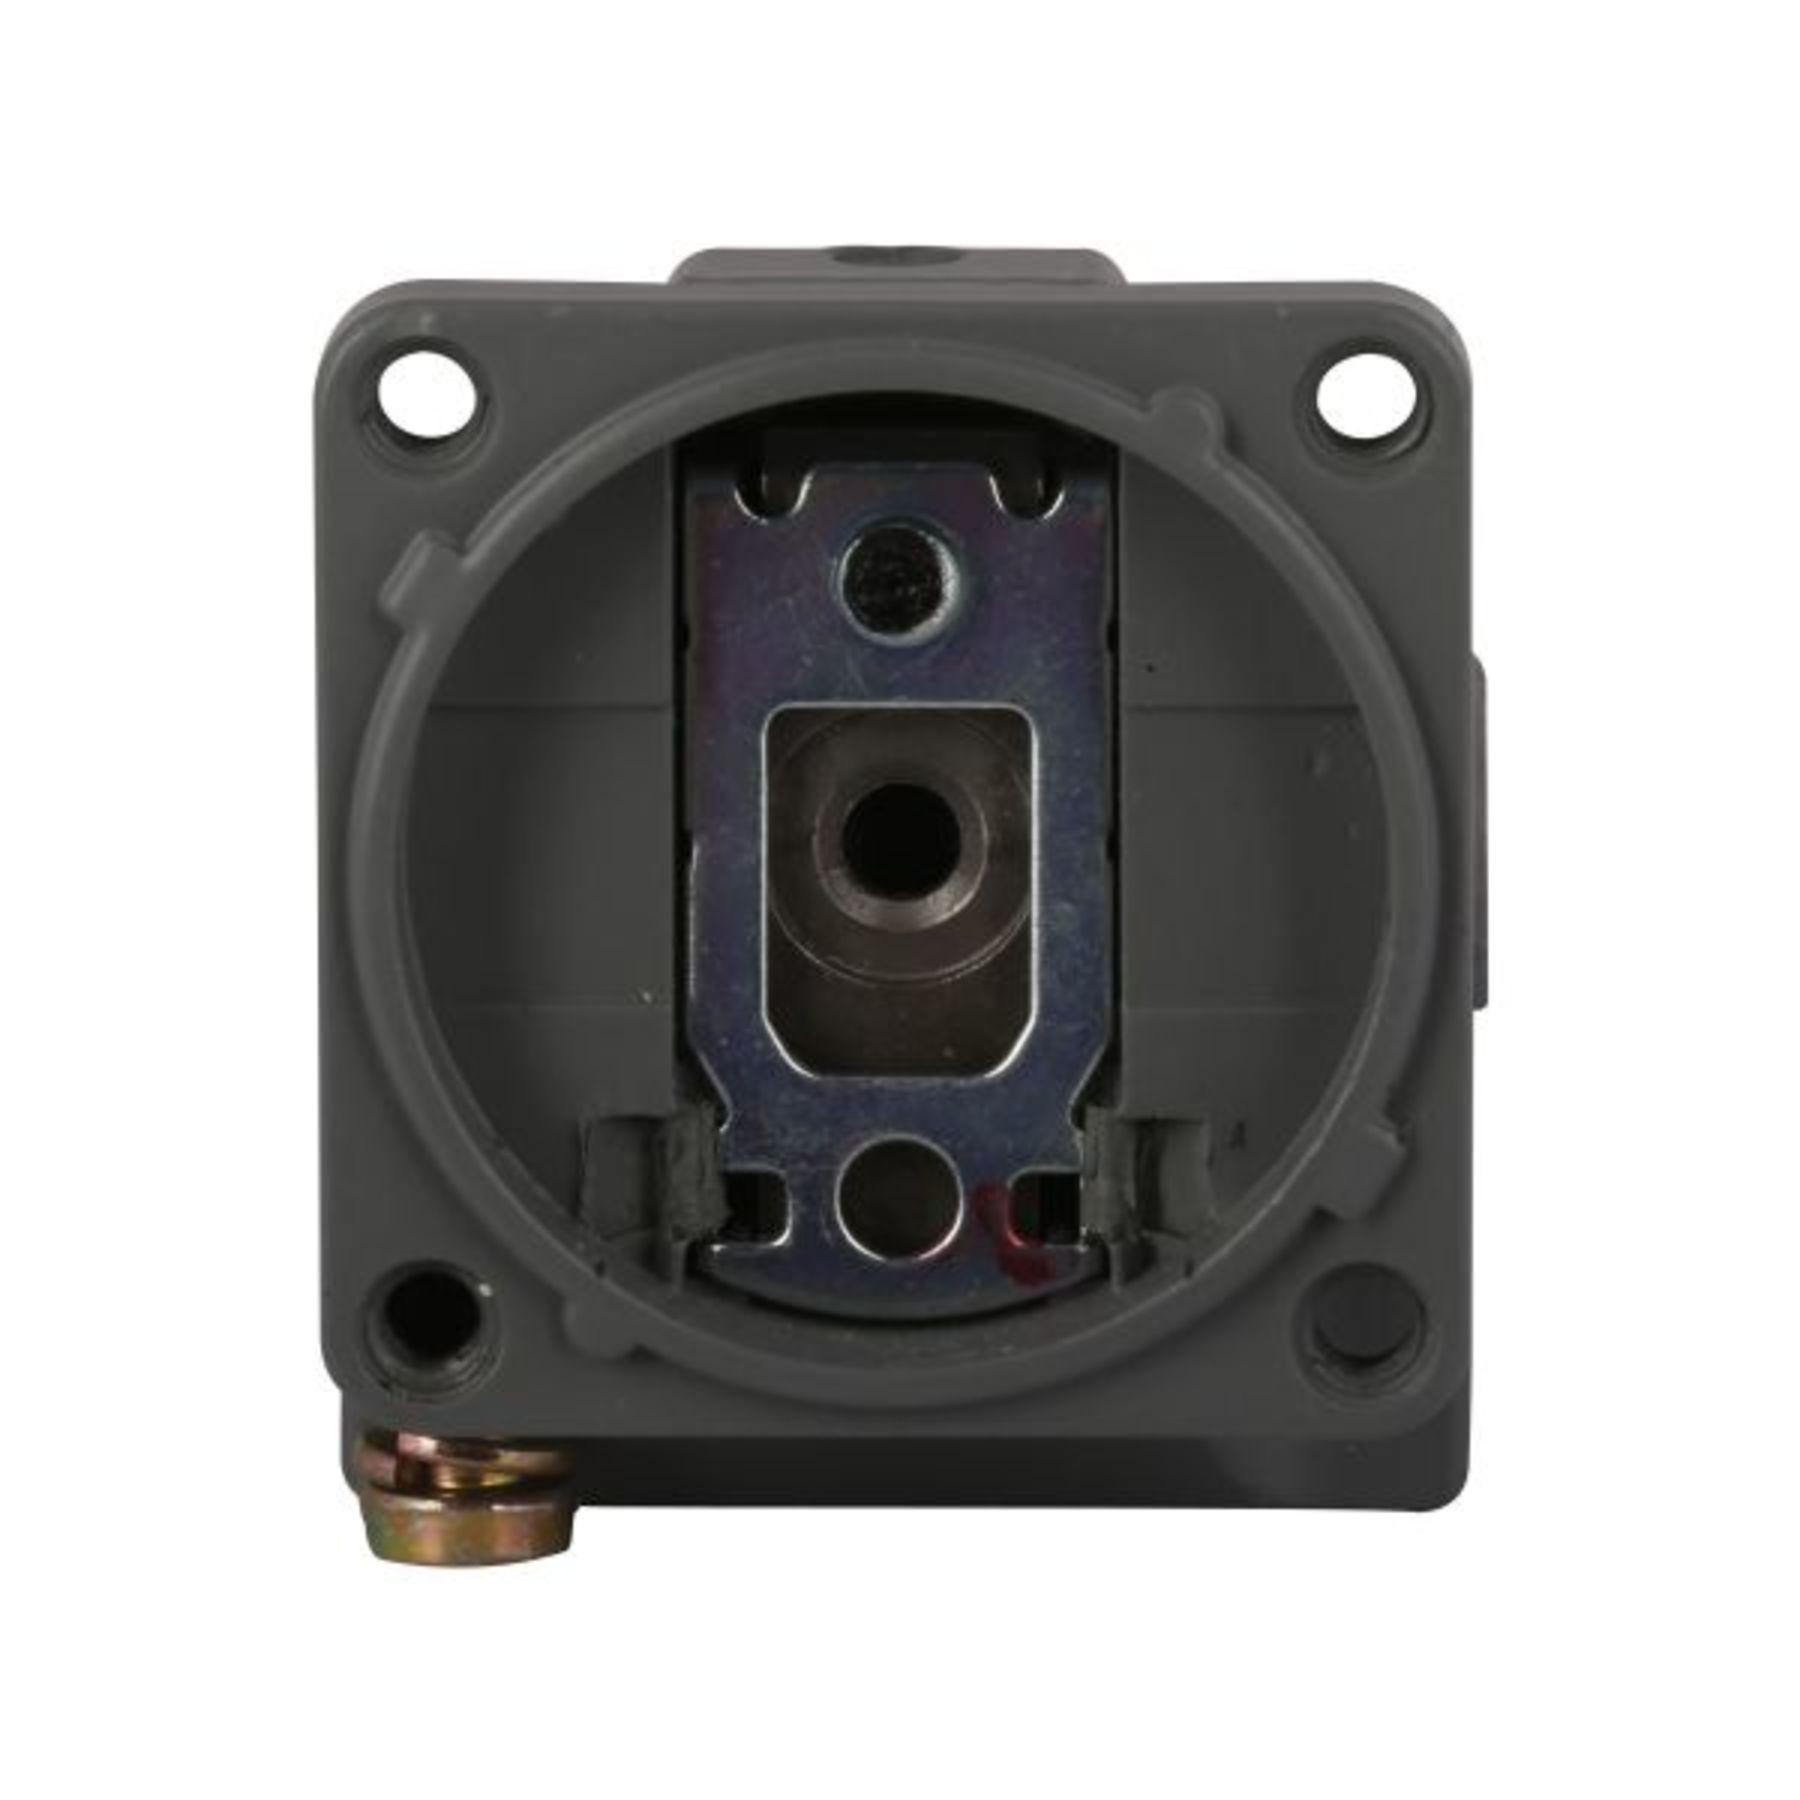 E50SBN Cutler-Hammer Limit Switch Neon E50-Sbn | Eaton Out of Stock ...